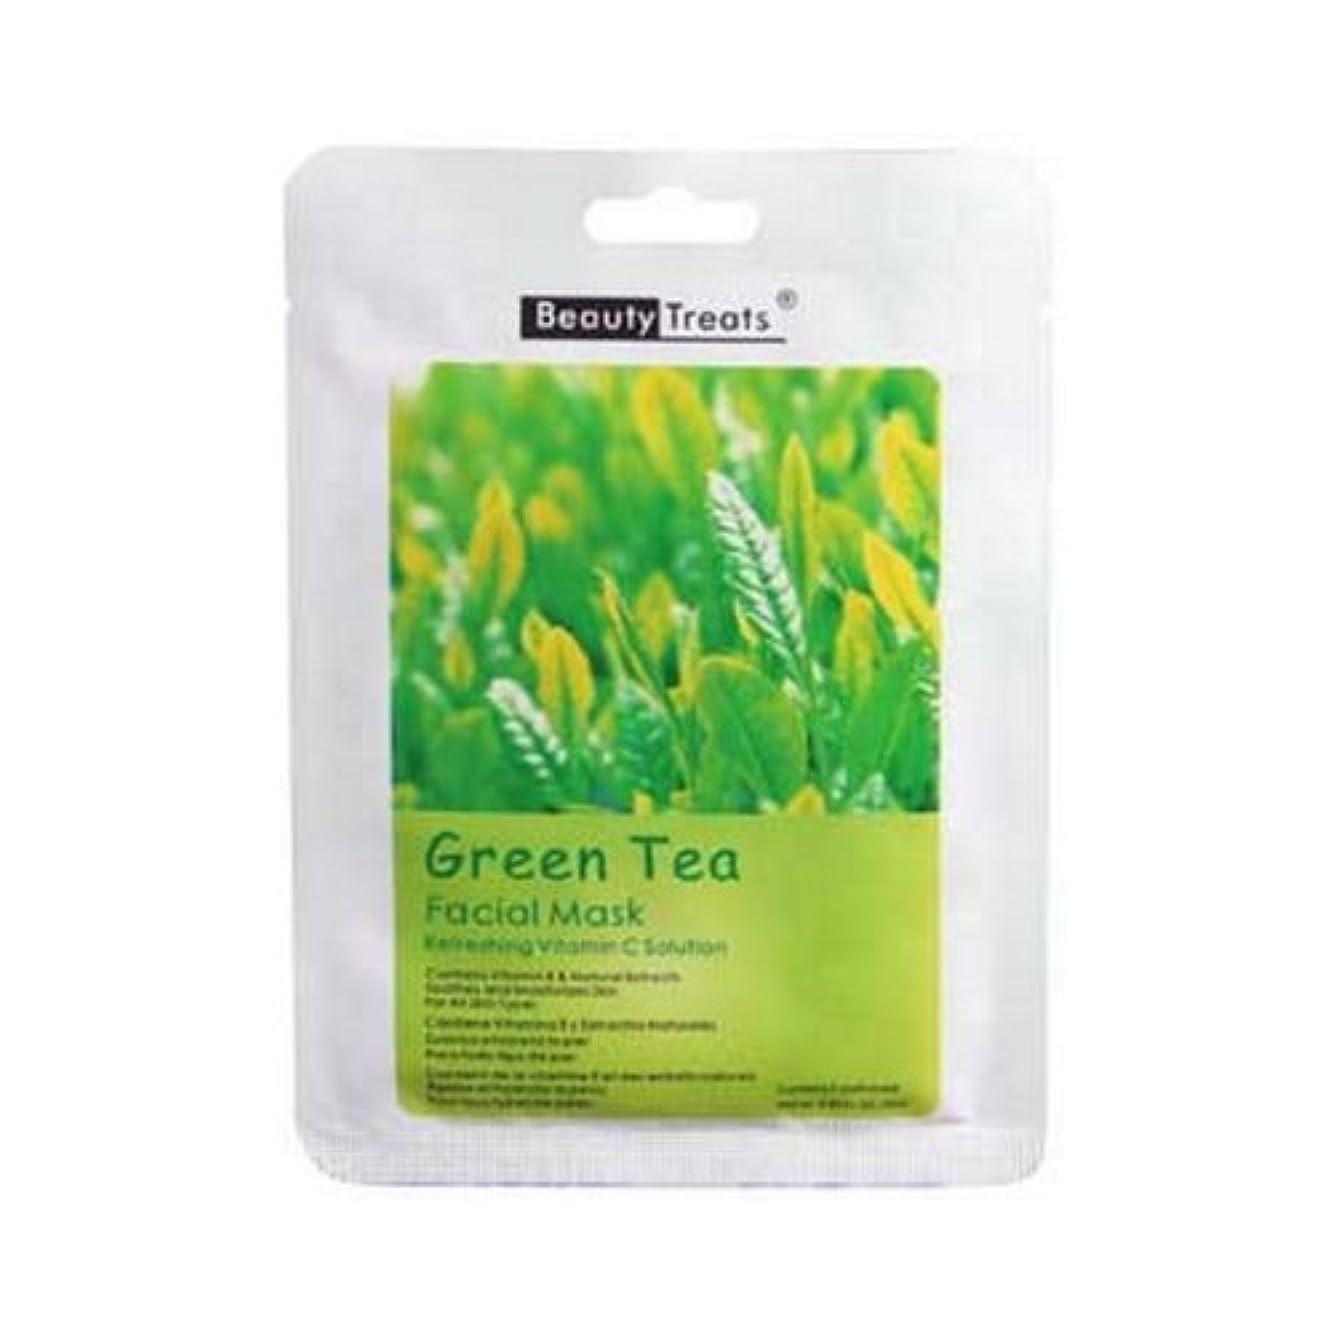 機密ぴったり太い(6 Pack) BEAUTY TREATS Facial Mask Refreshing Vitamin C Solution - Green Tea (並行輸入品)